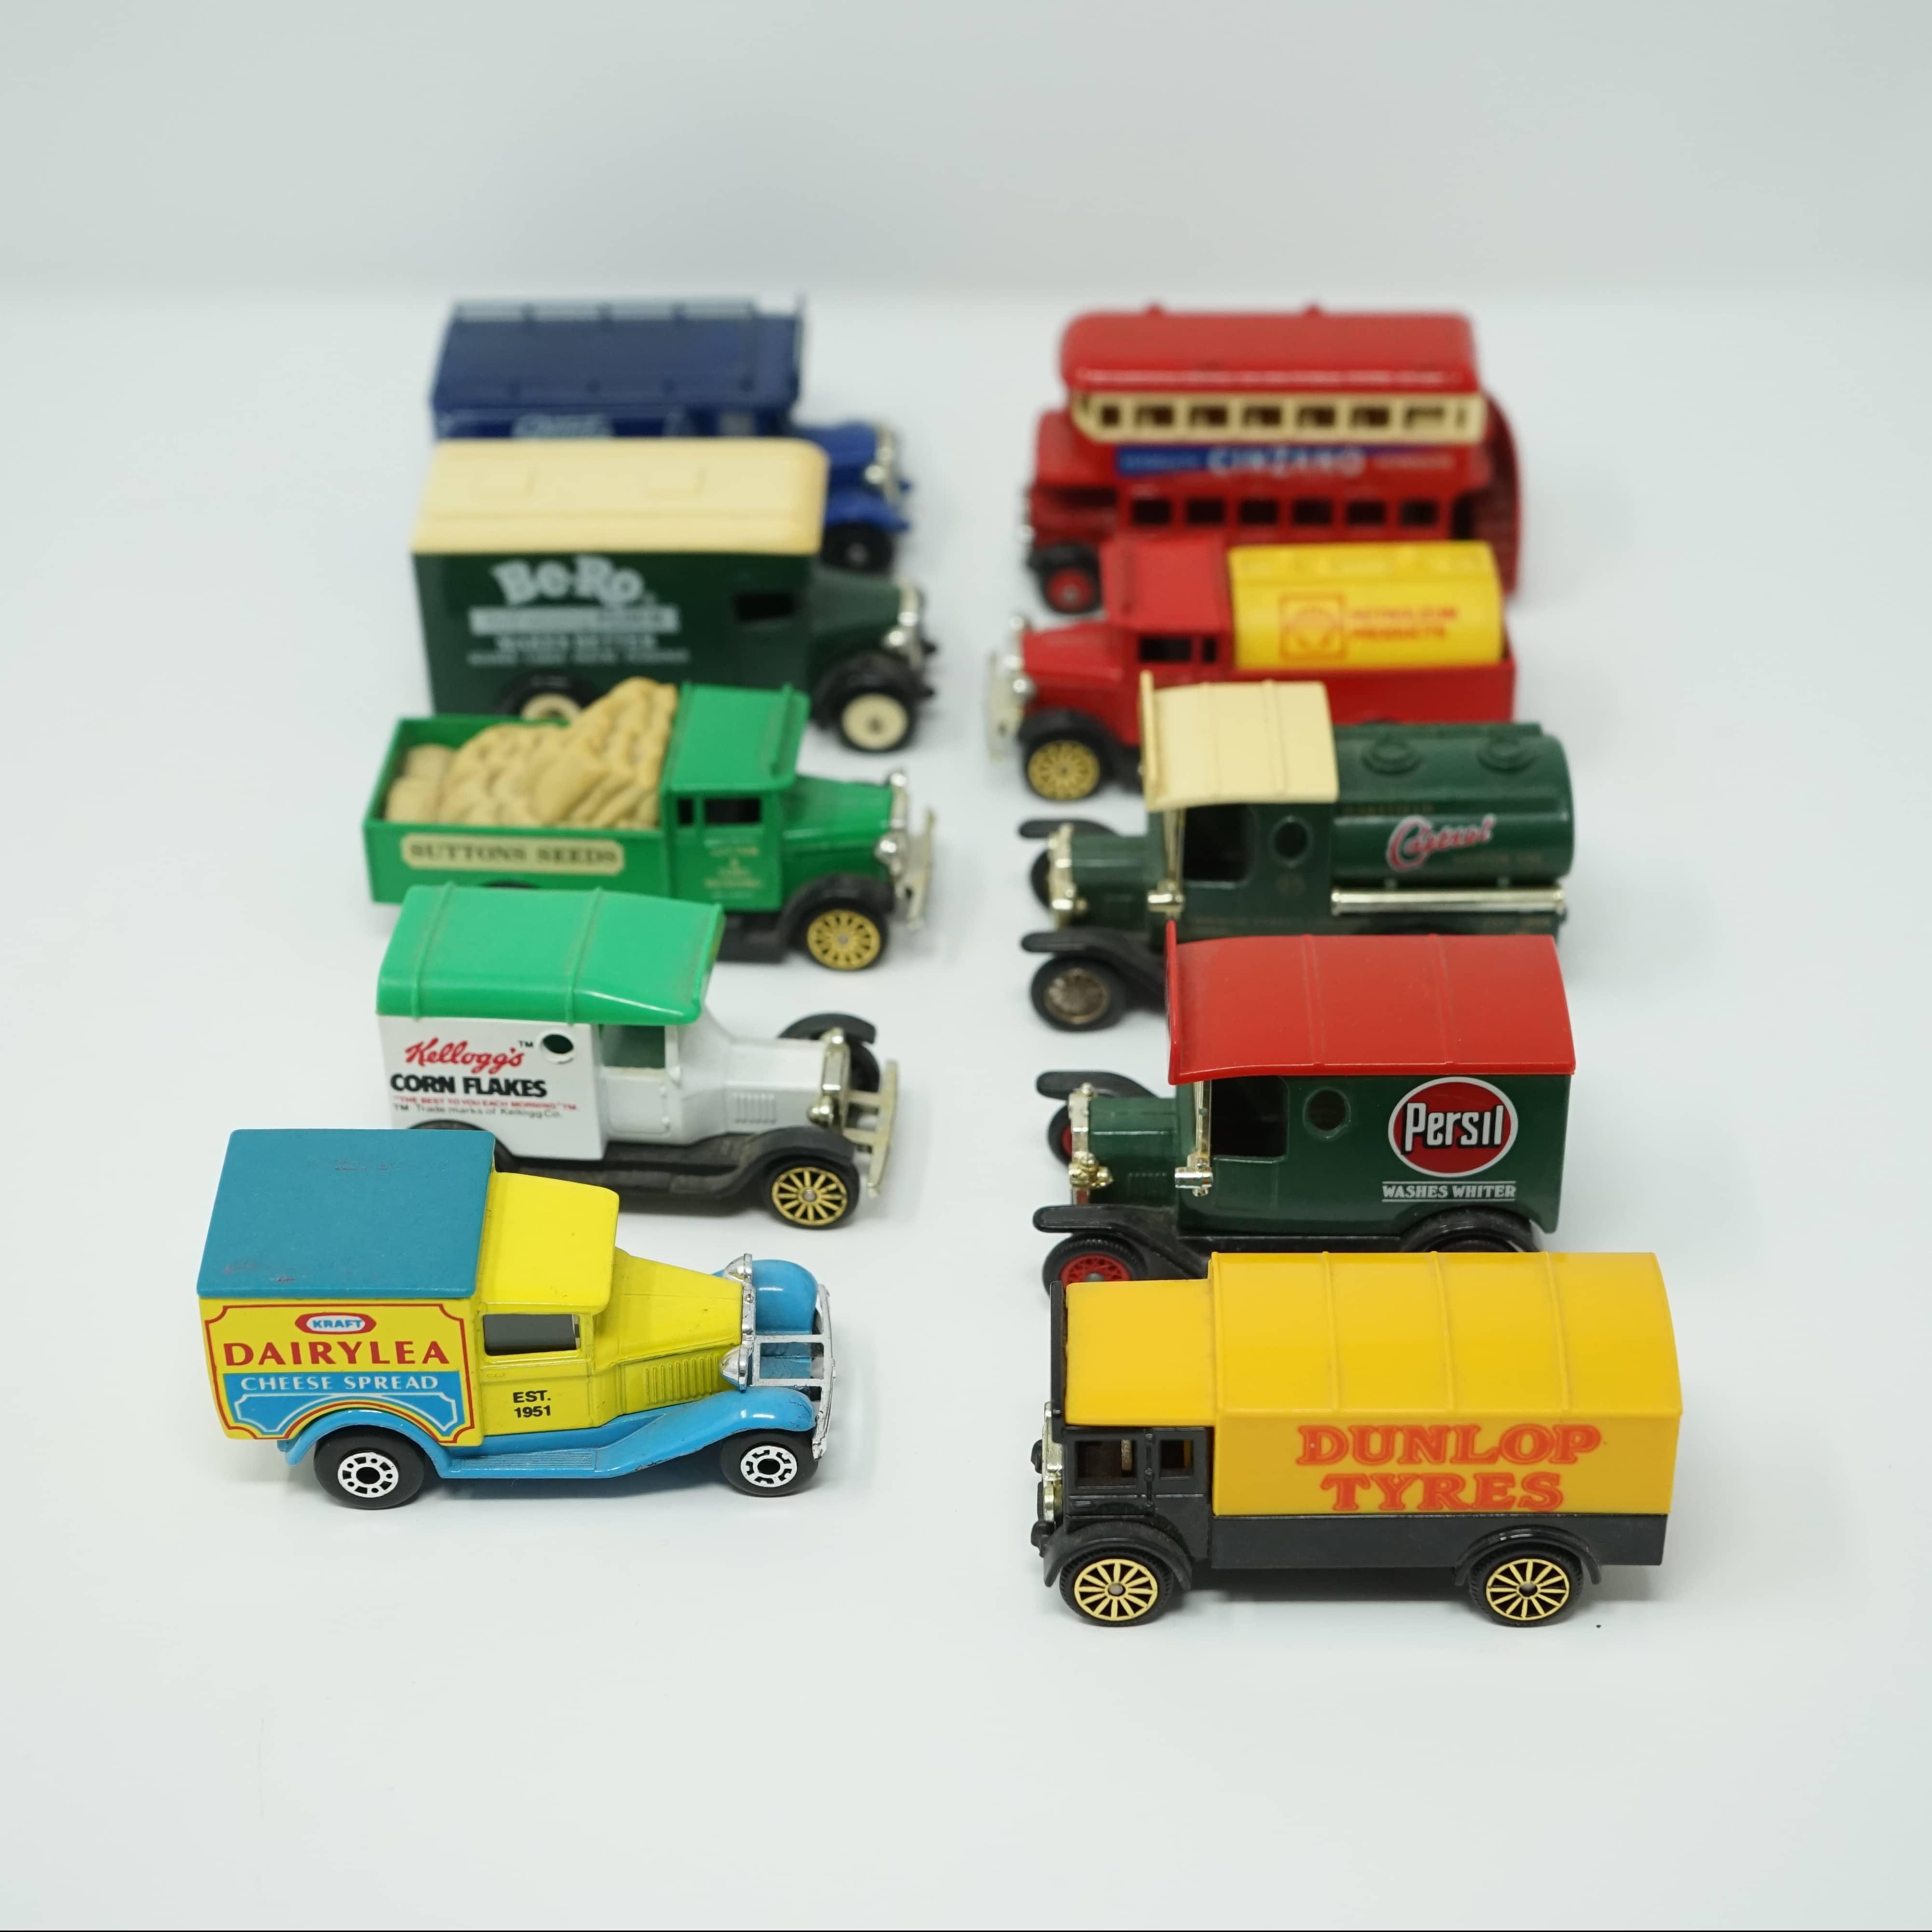 10 Camions Miniatures Publicitaires